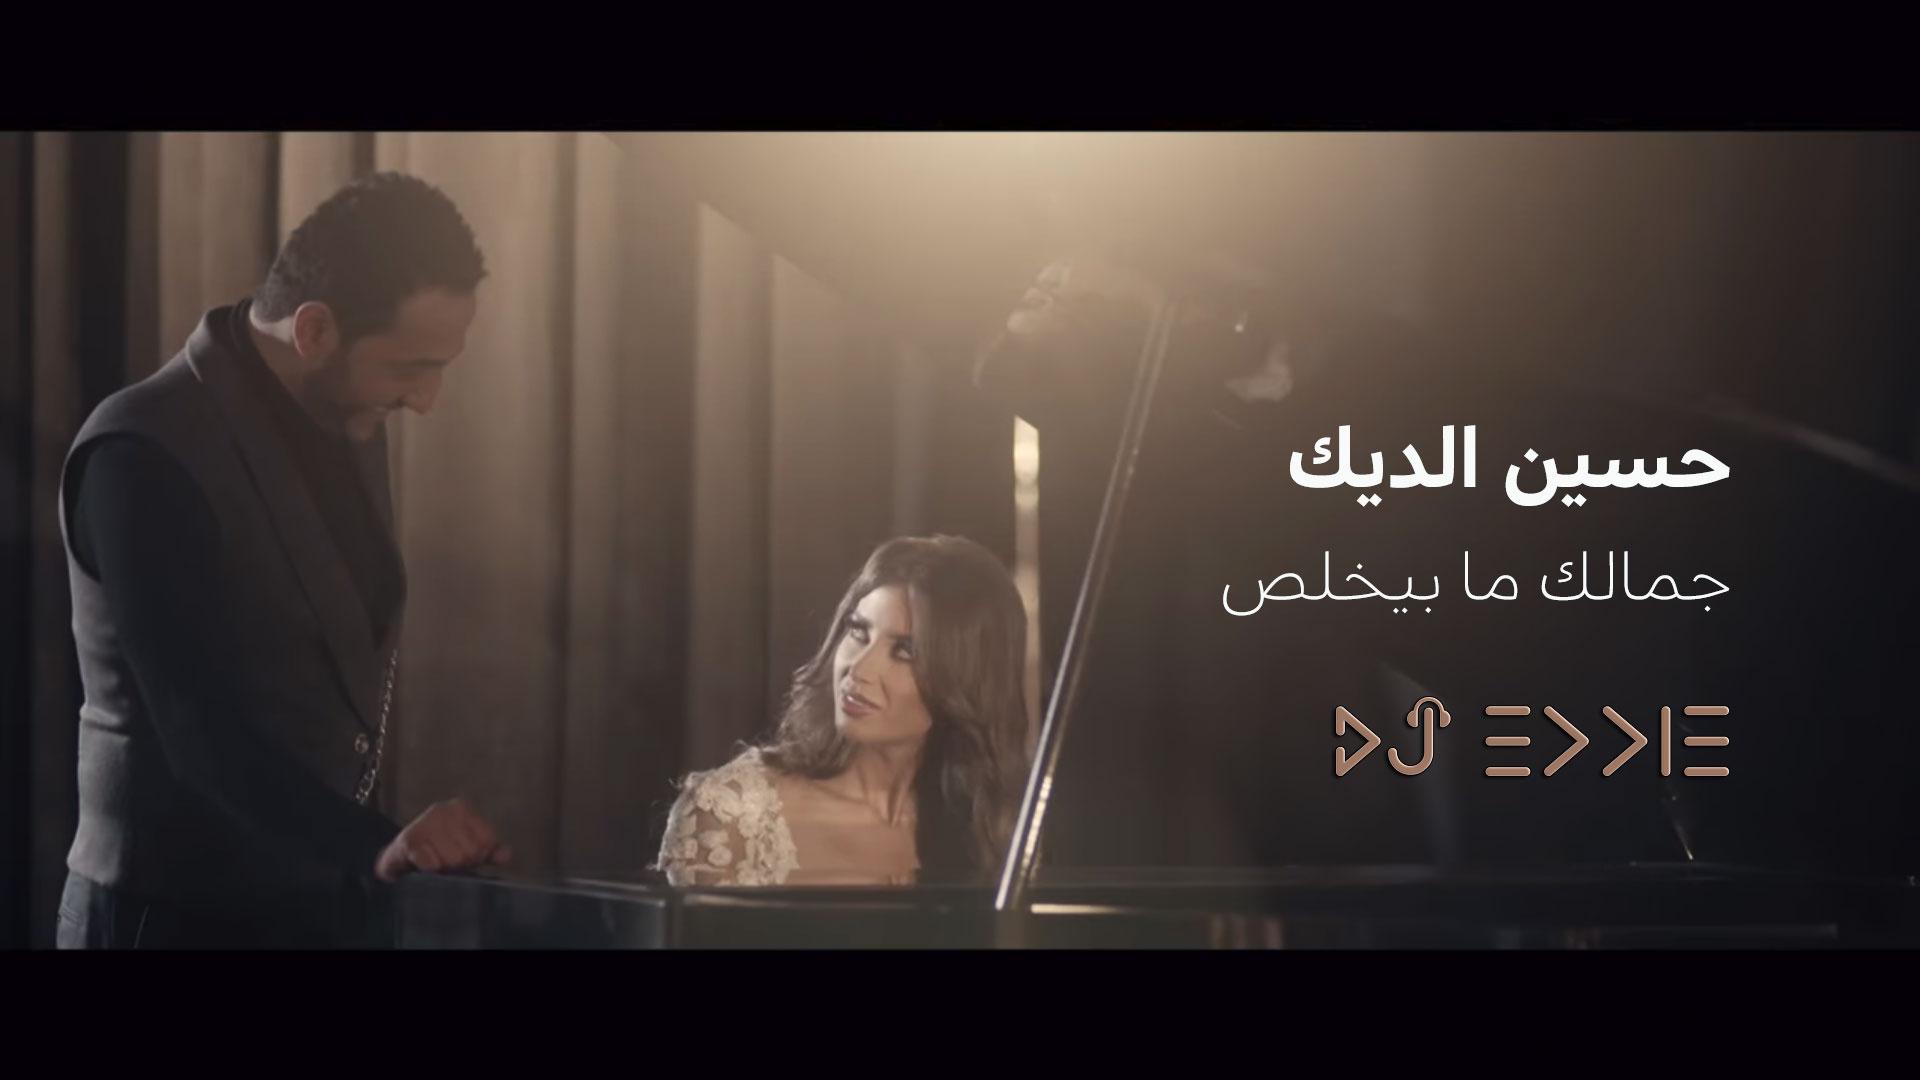 حسين الديك - جمالك ما بيخلص Hussein El Deek - Jamalek Ma Byekhlas